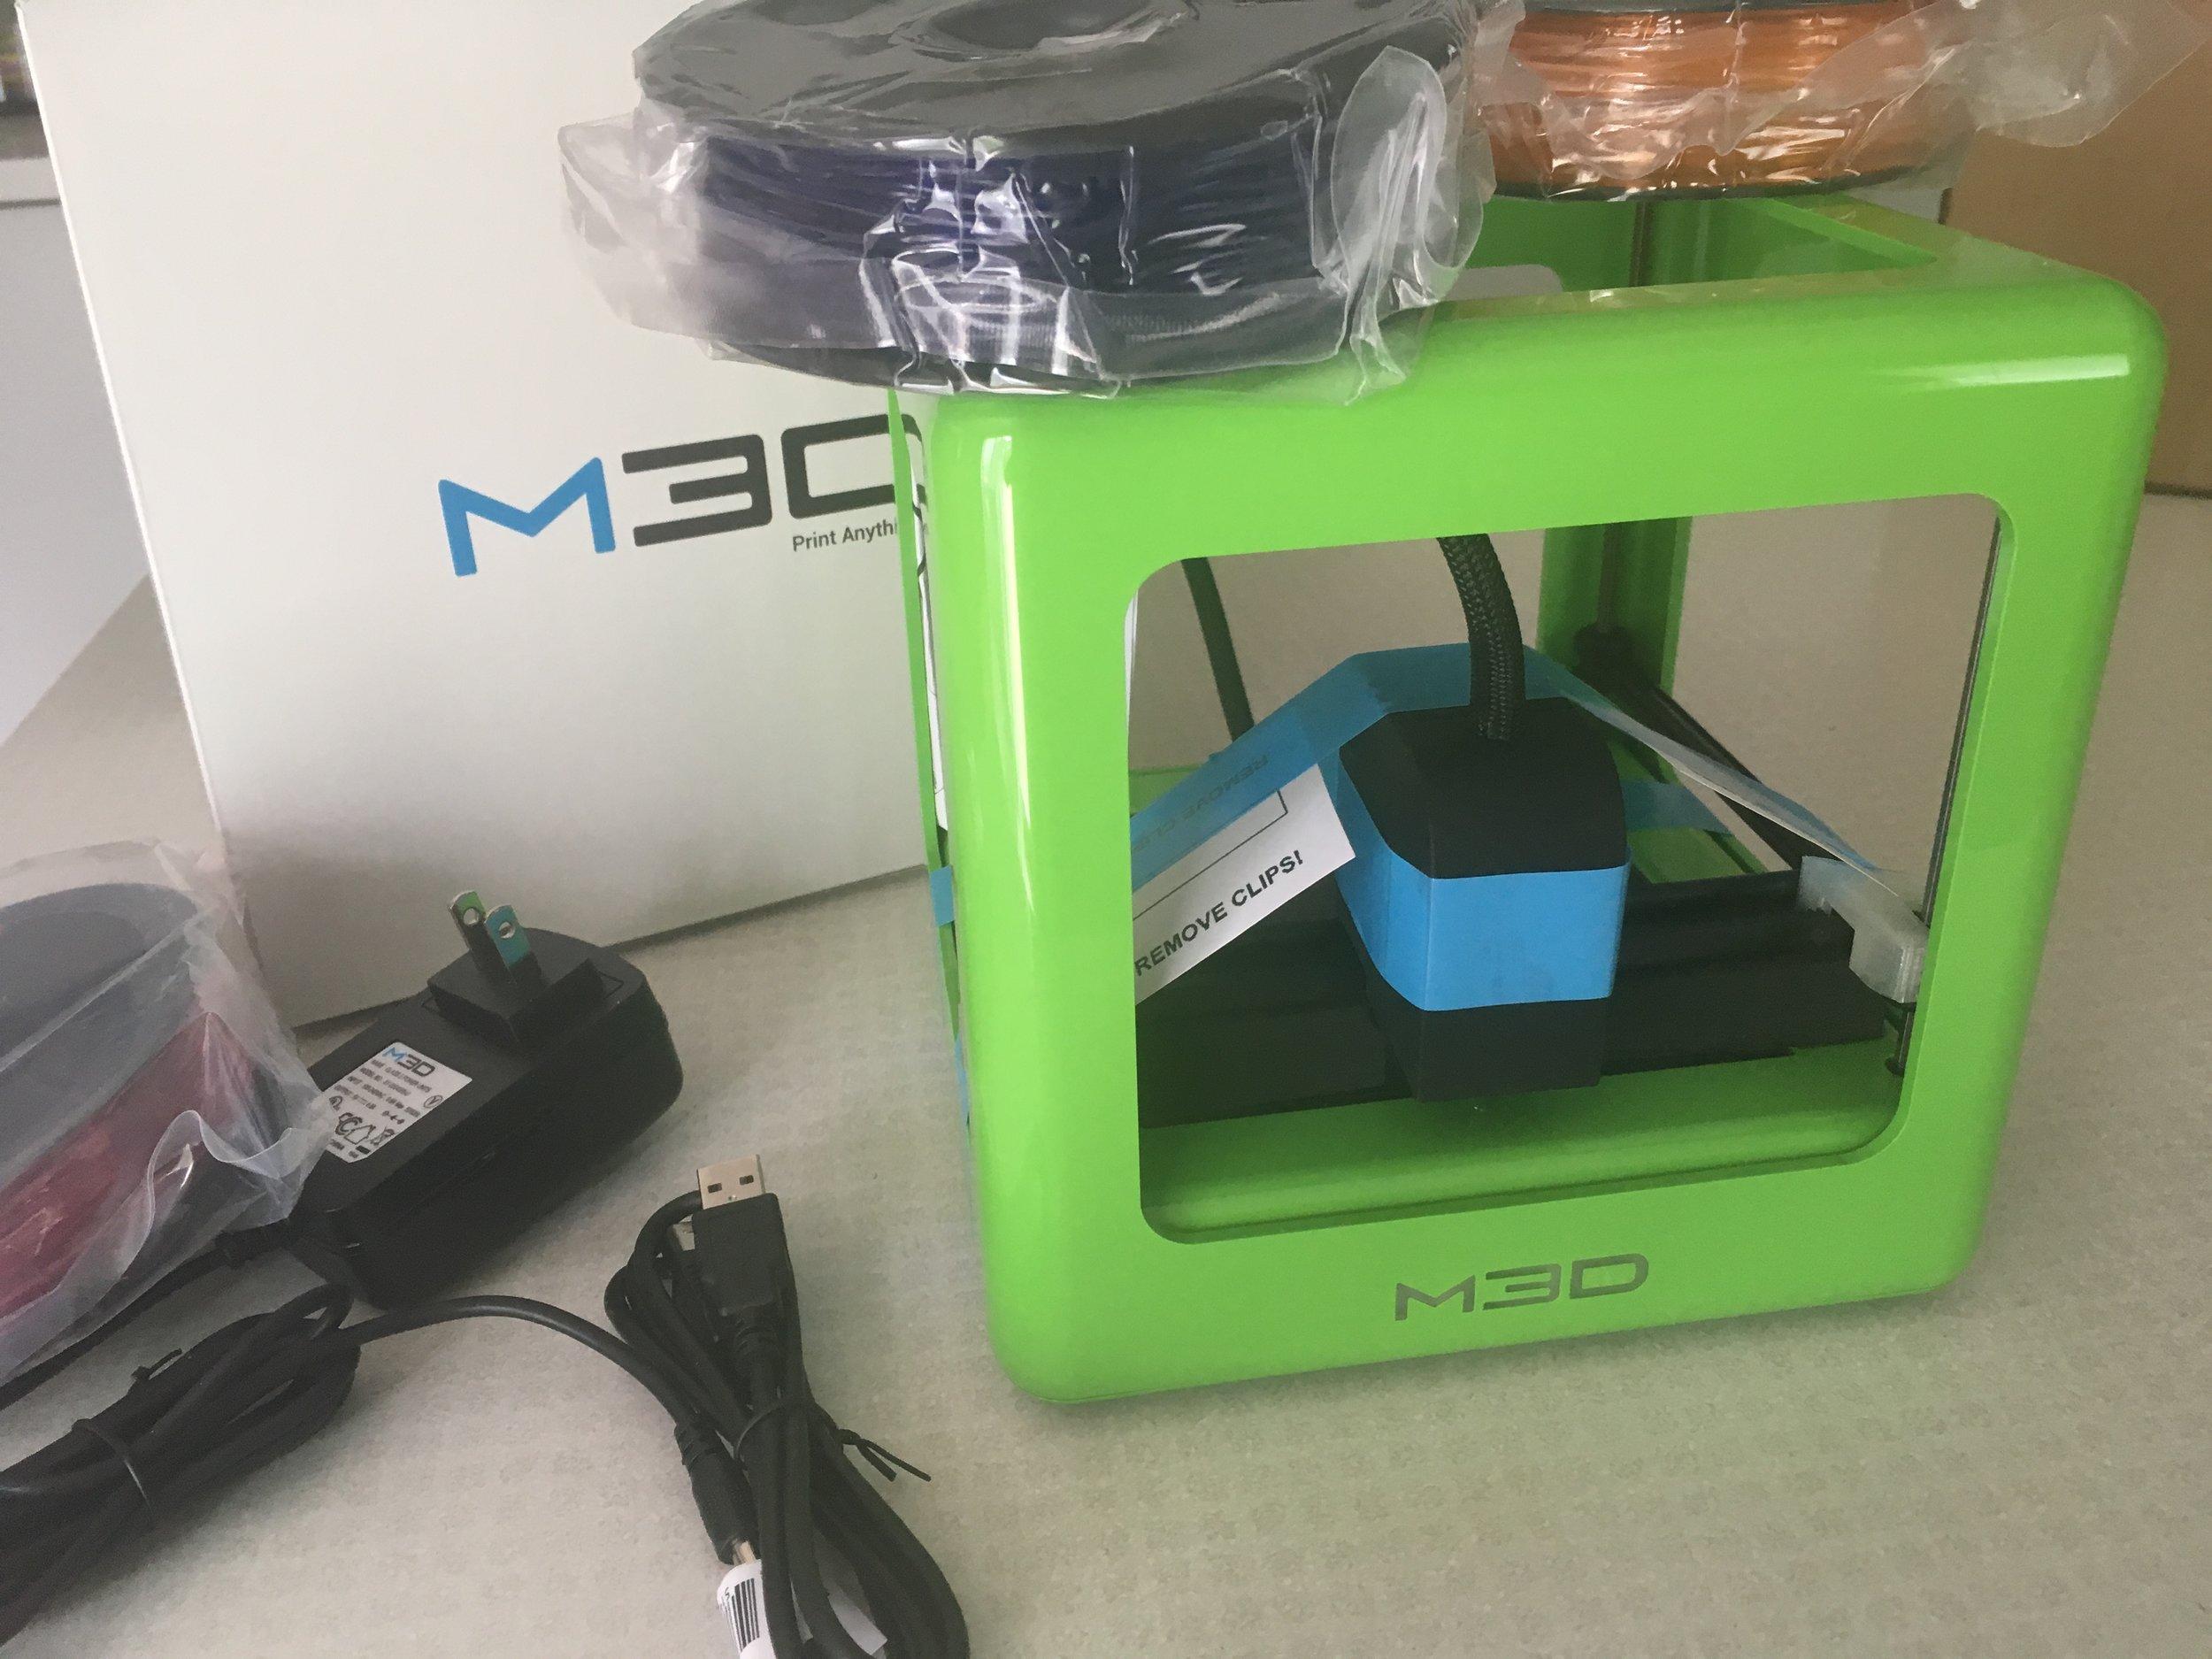 m3d printer - whatthegirlssay.com